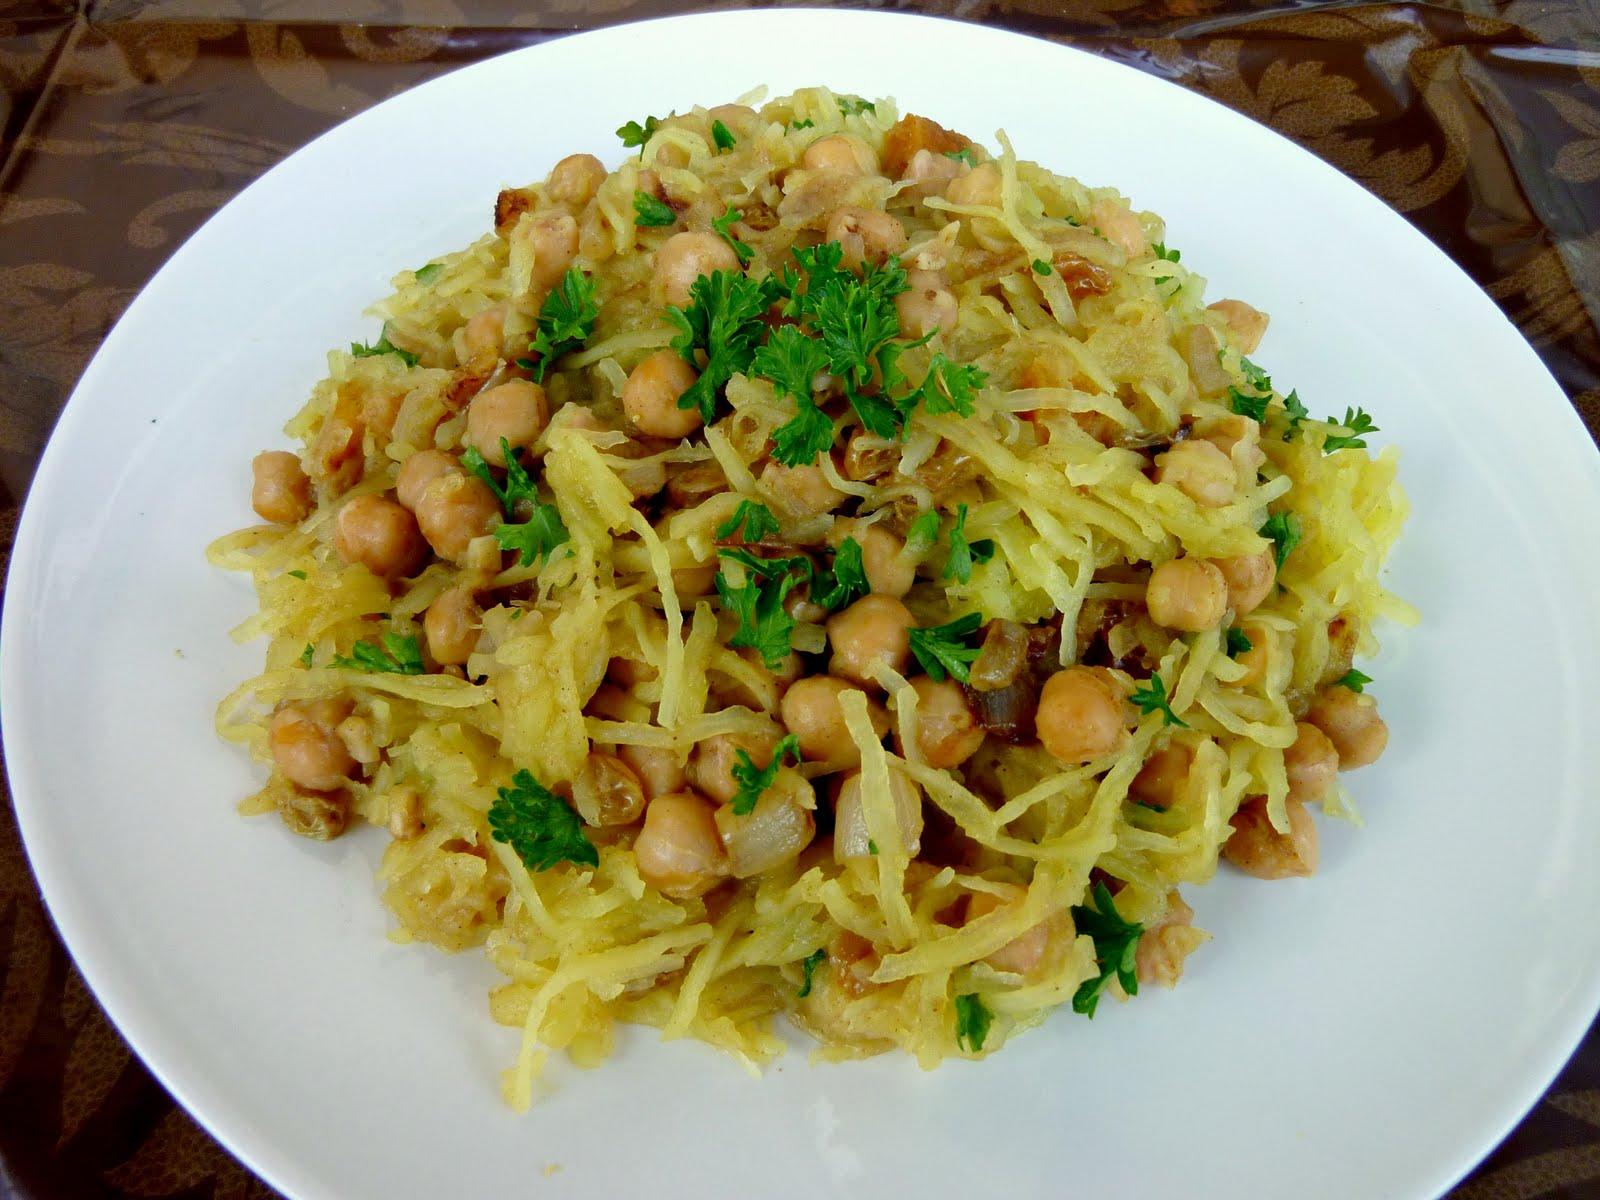 Vanilla & Spice: Moroccan-Spiced Spaghetti Squash with Chickpeas